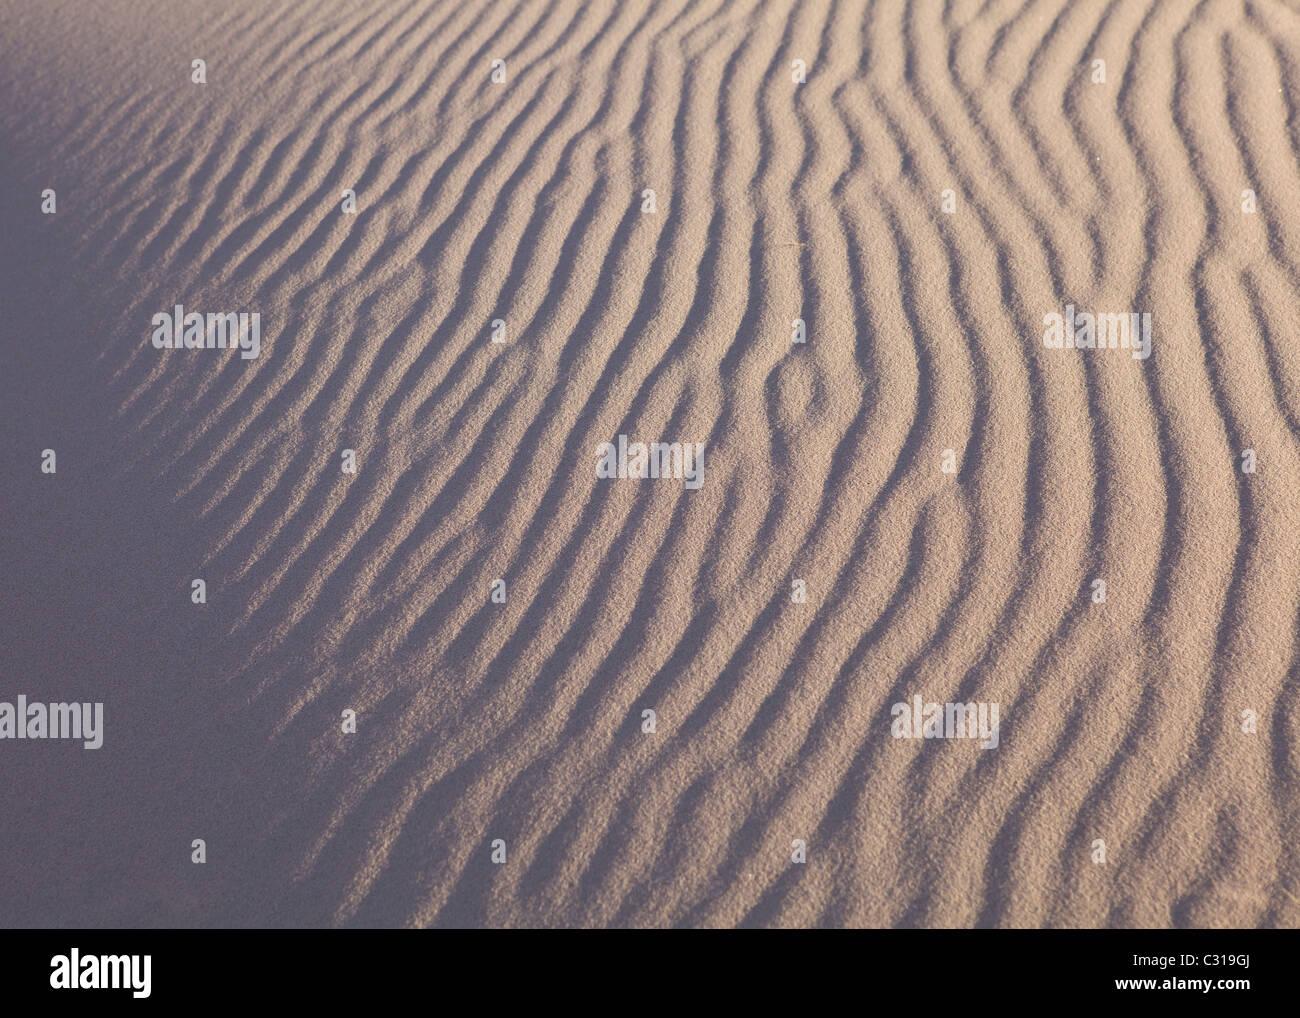 Vento increspature sulla sabbia del deserto - Deserto Mojave , California USA Immagini Stock